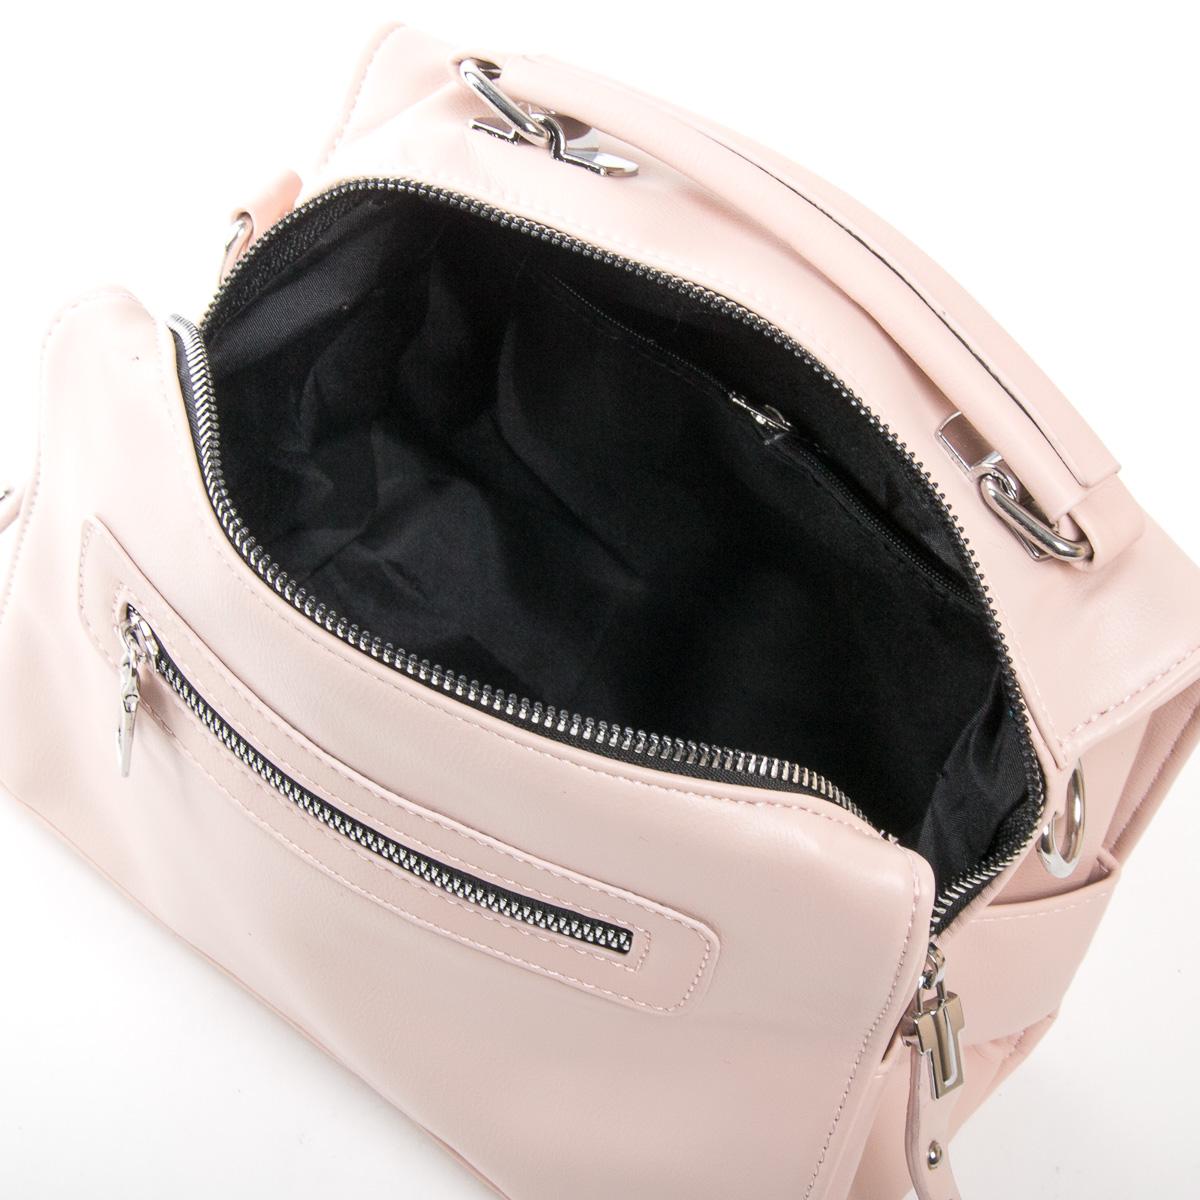 Сумка Женская Классическая иск-кожа FASHION 01-03 5122 pink - фото 5